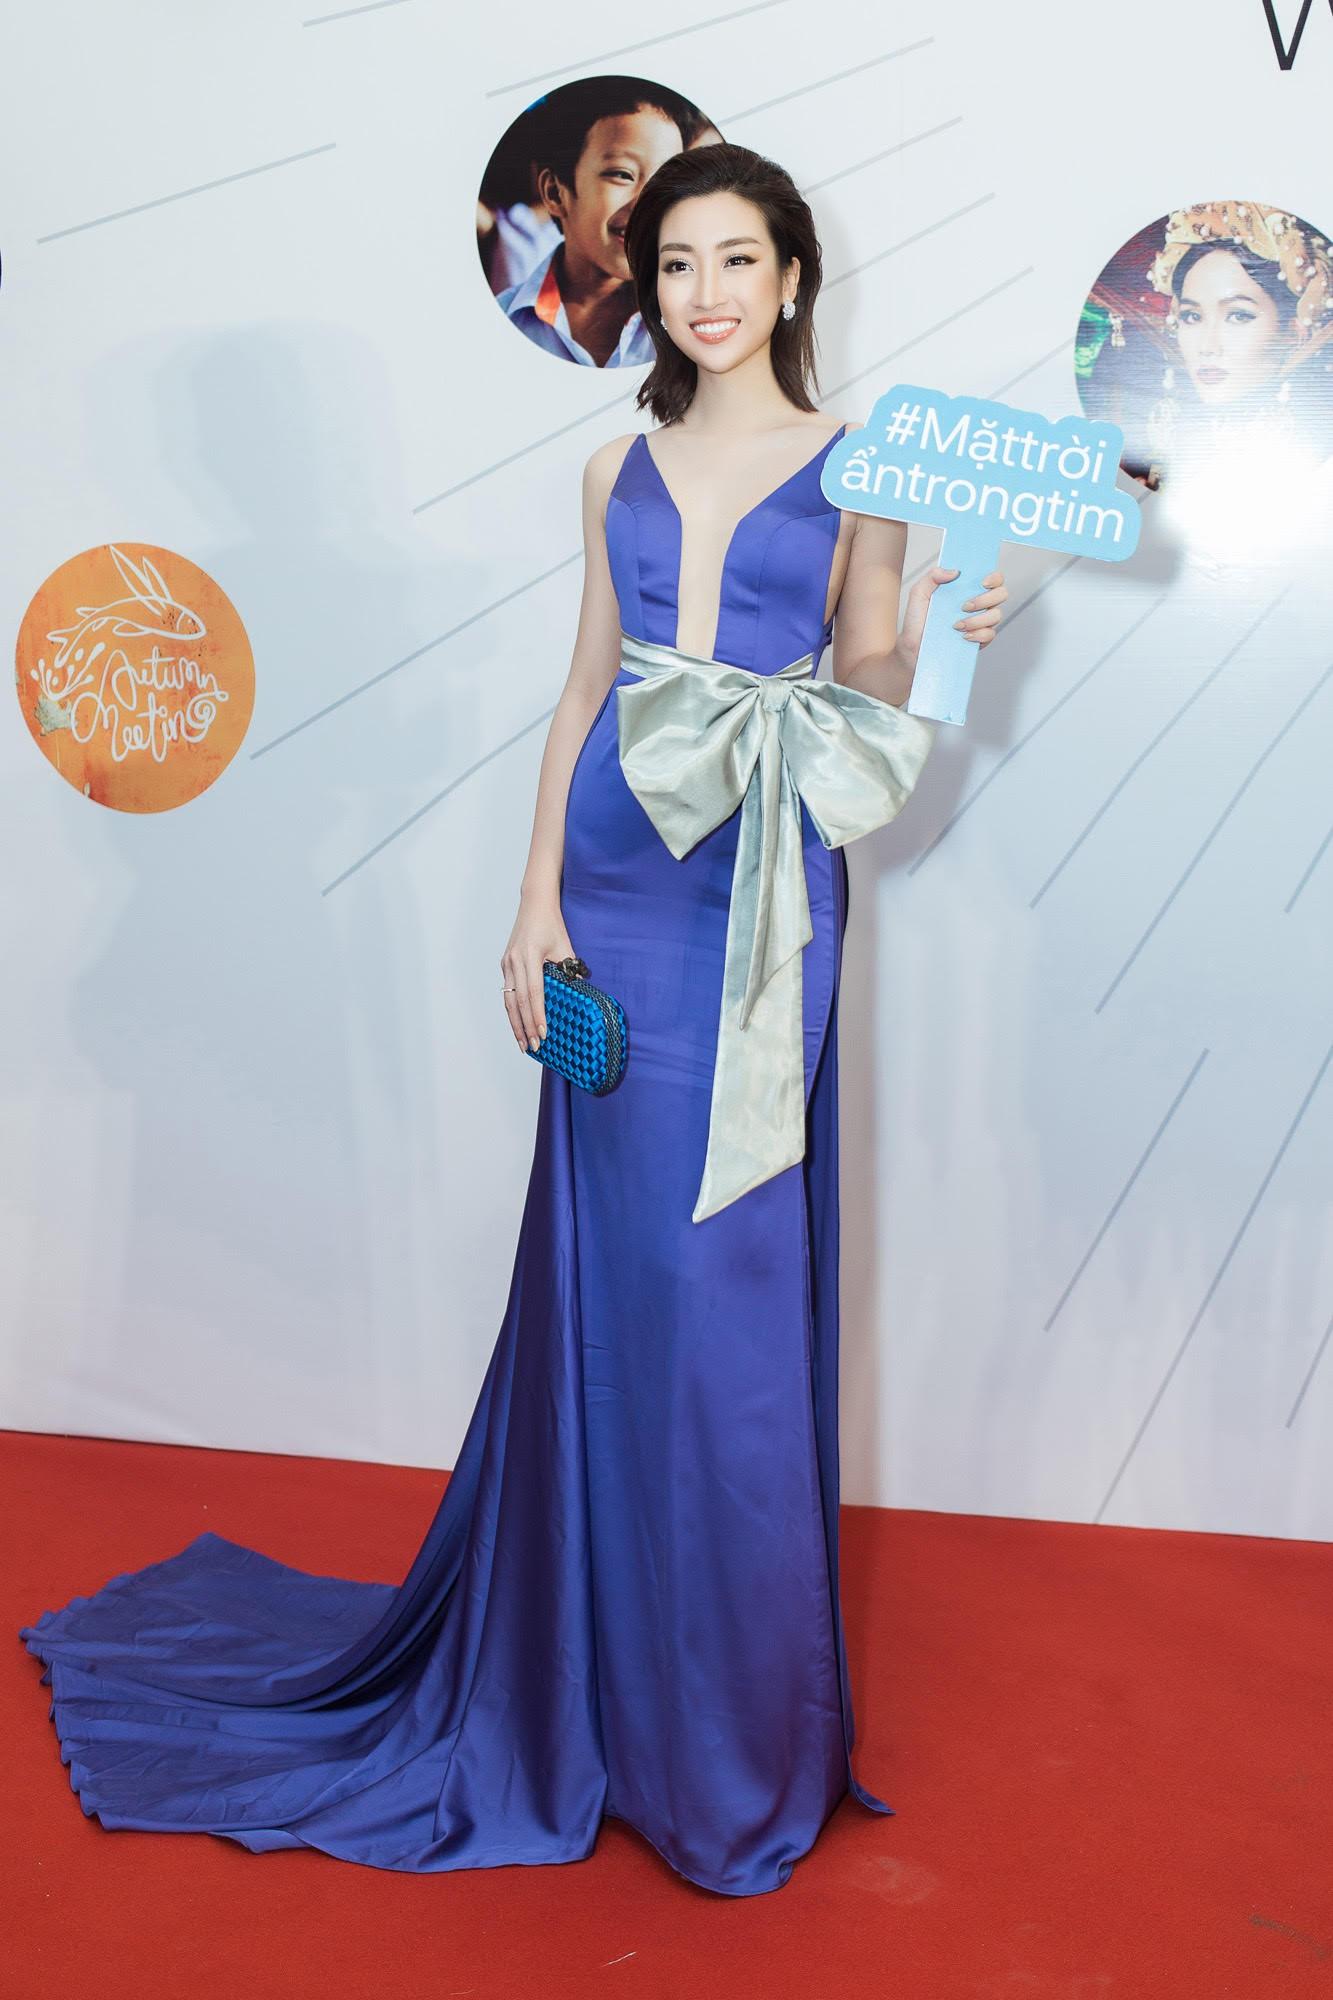 Màn đọ sắc cực gắt của dàn Hoa hậu đình đám nhất Vbiz trên thảm đỏ WeChoice: Sang chảnh và đỉnh cao là đây! - Ảnh 5.